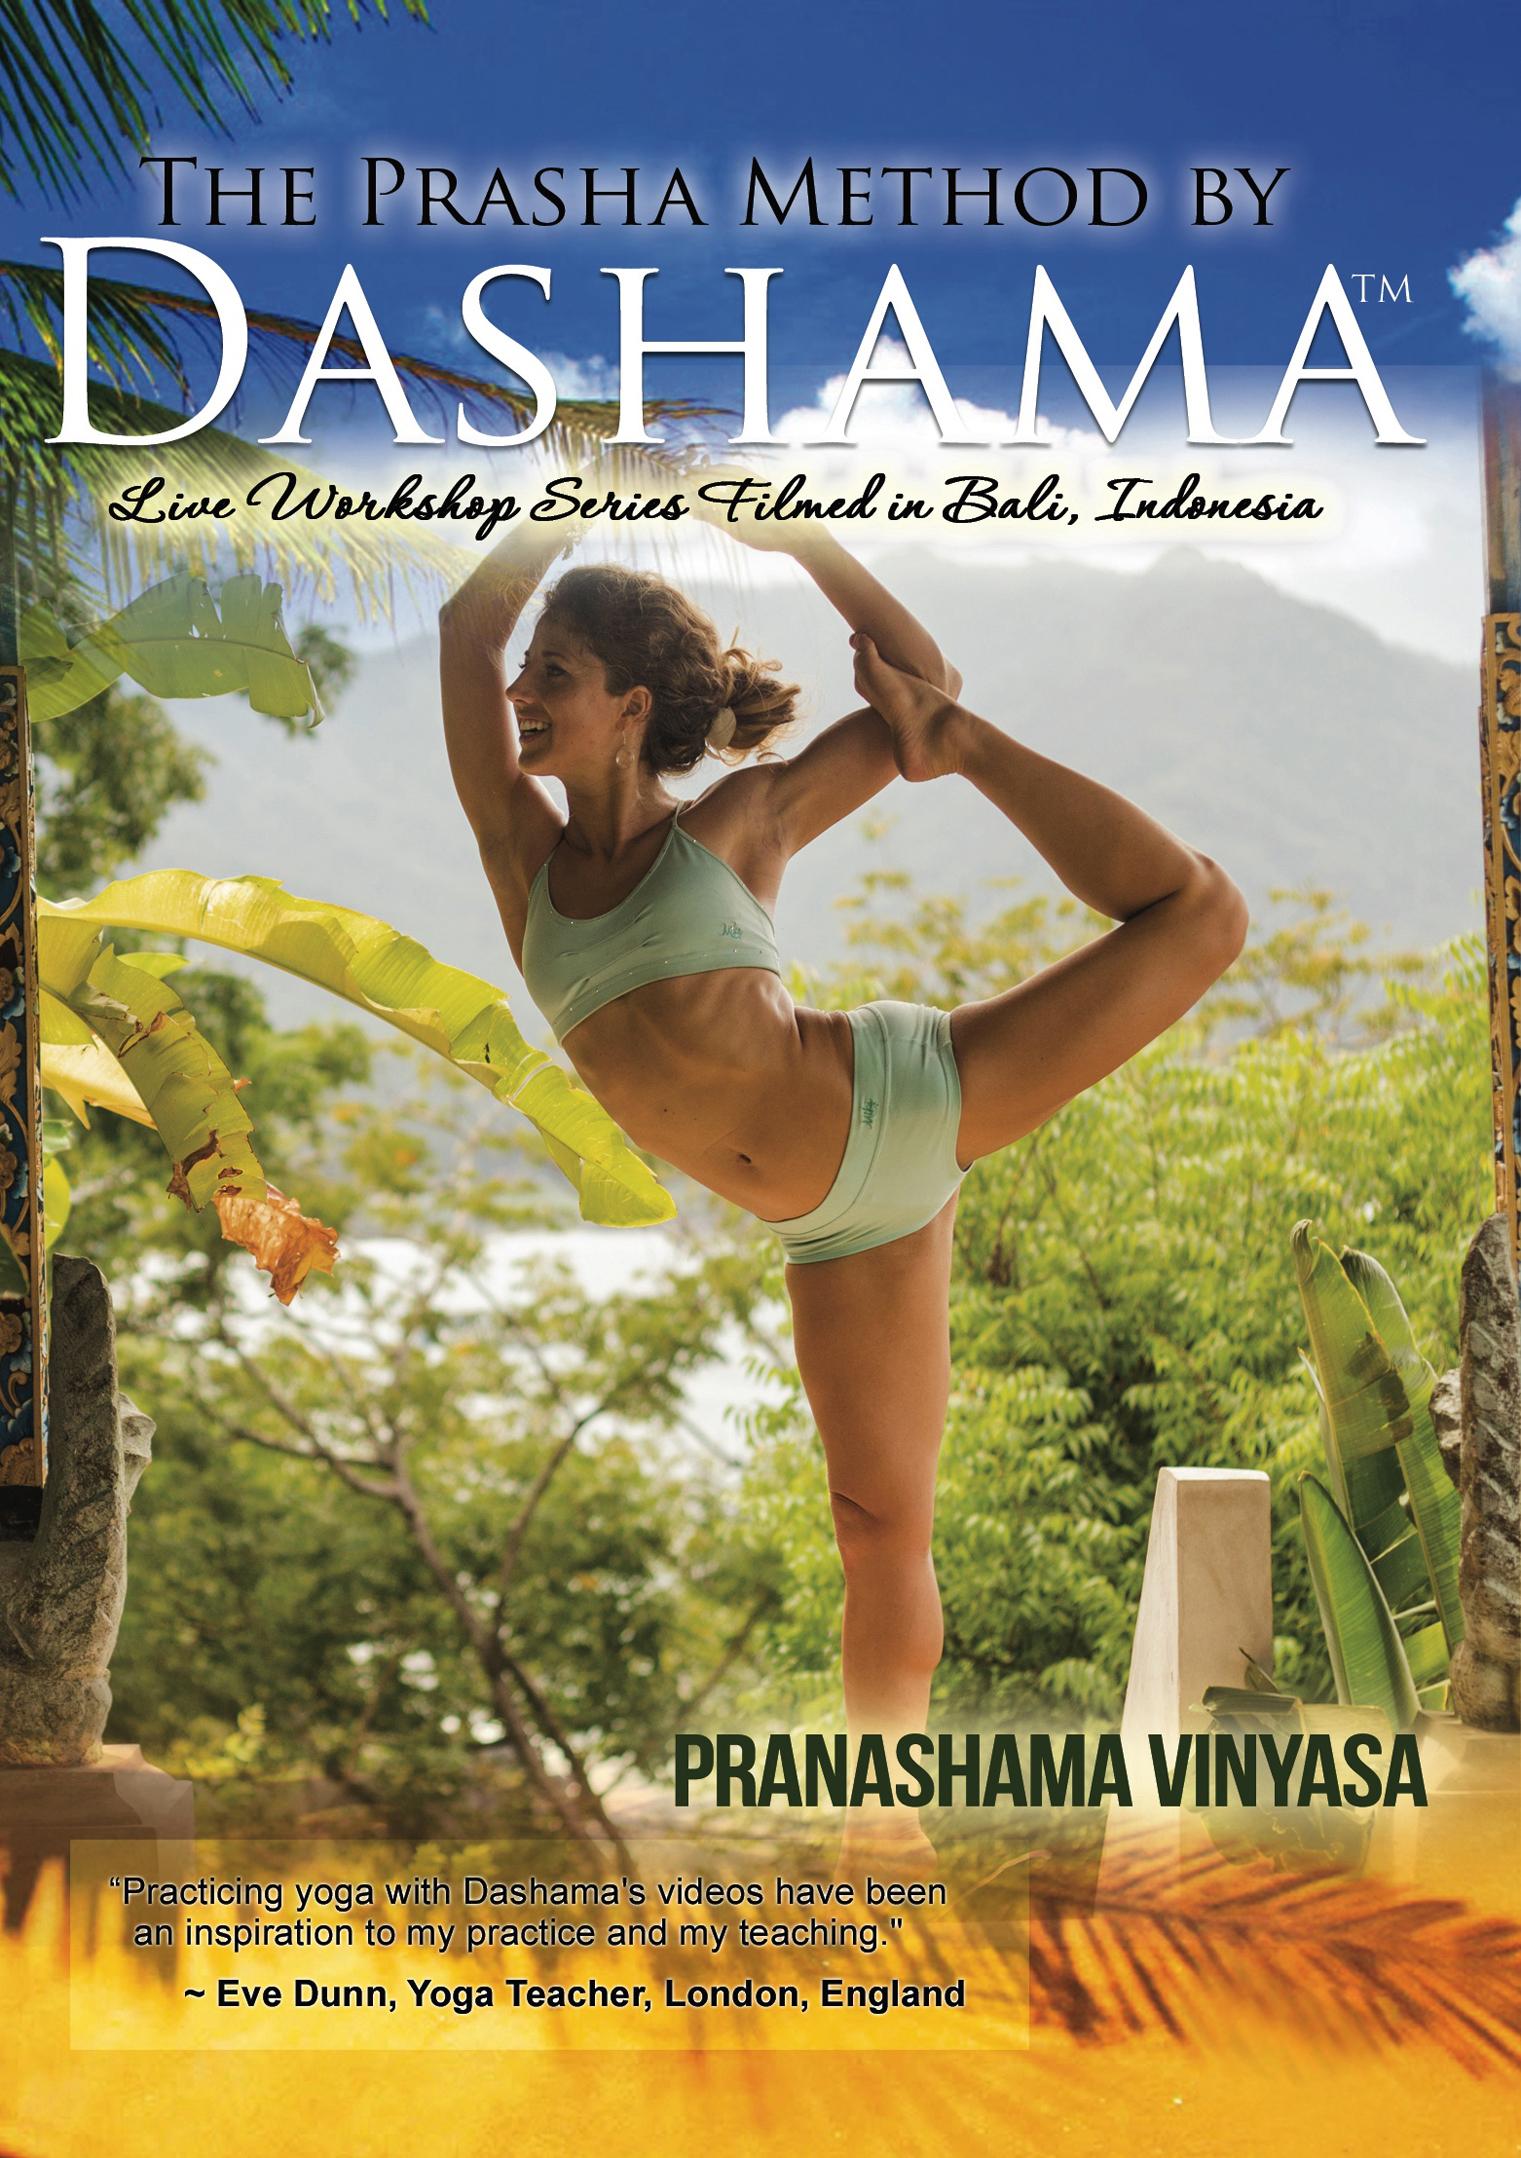 The Prasha Method by Dashama: Pranashama Vinyasa